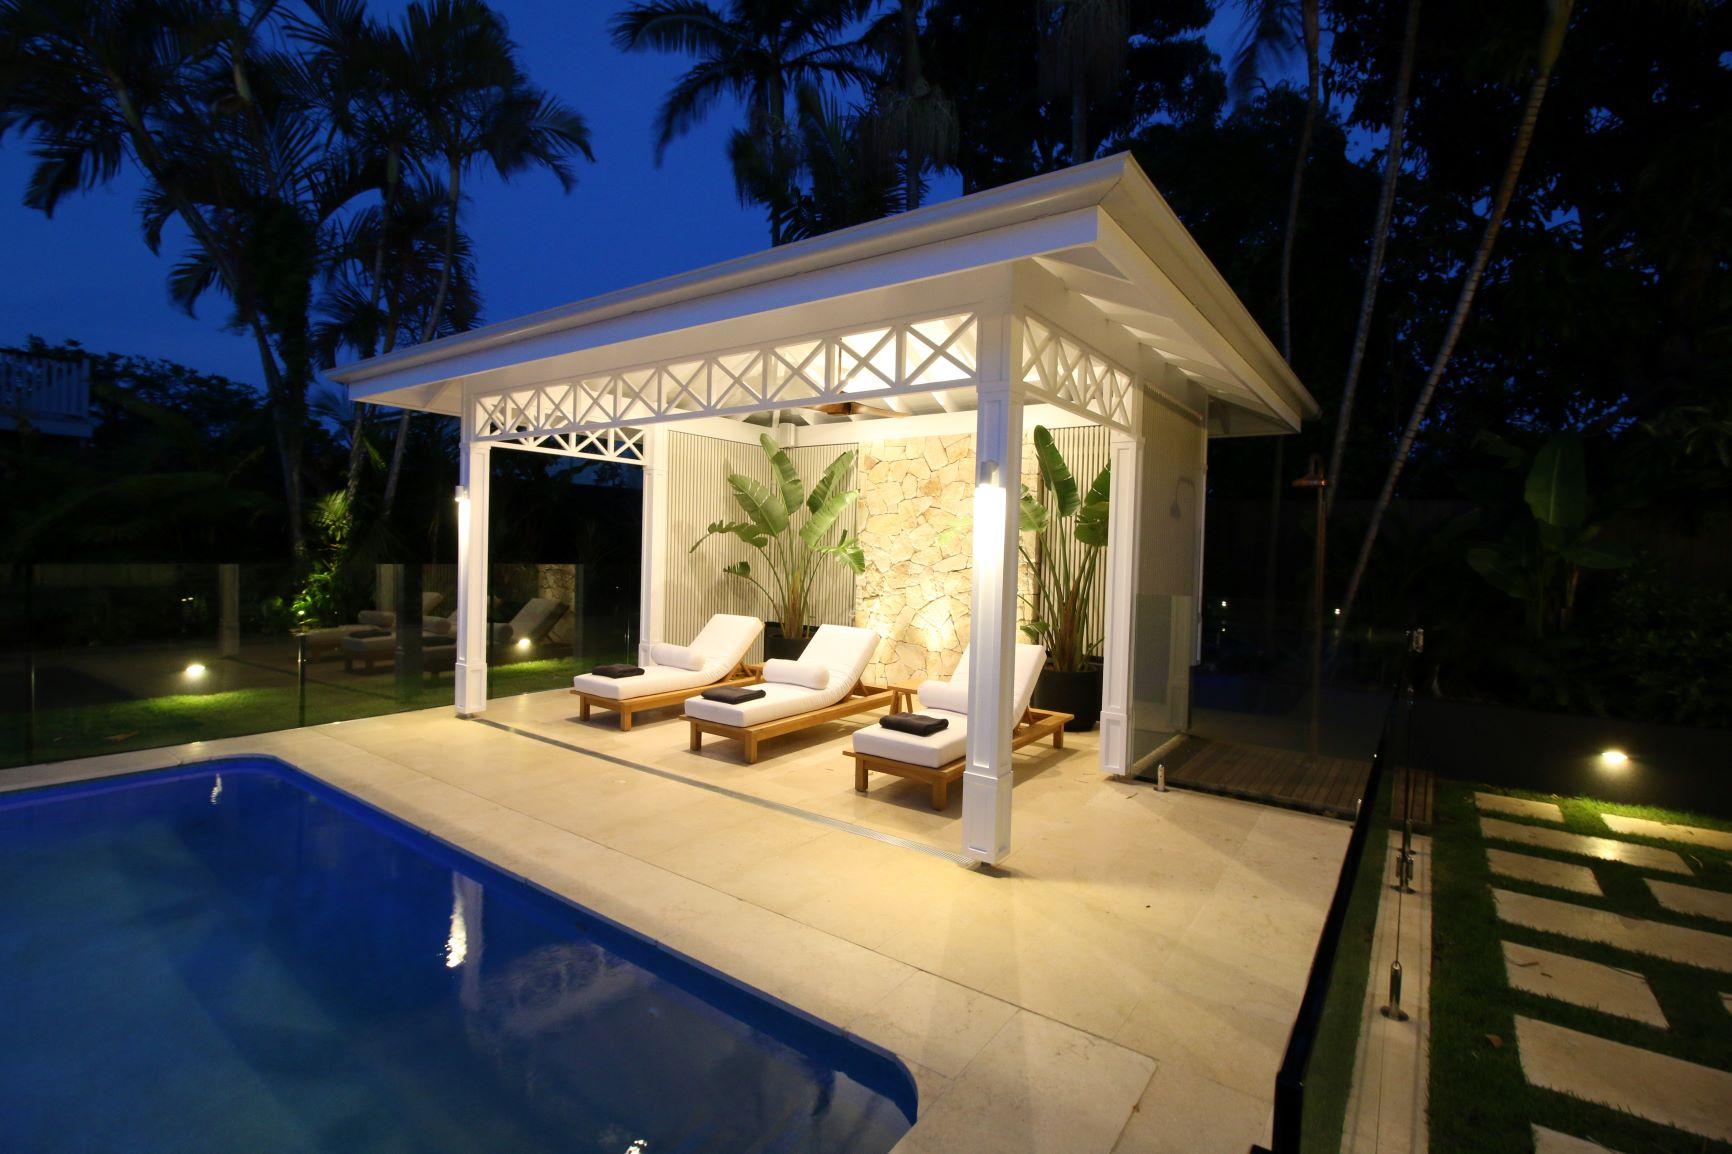 pool house7.jpg